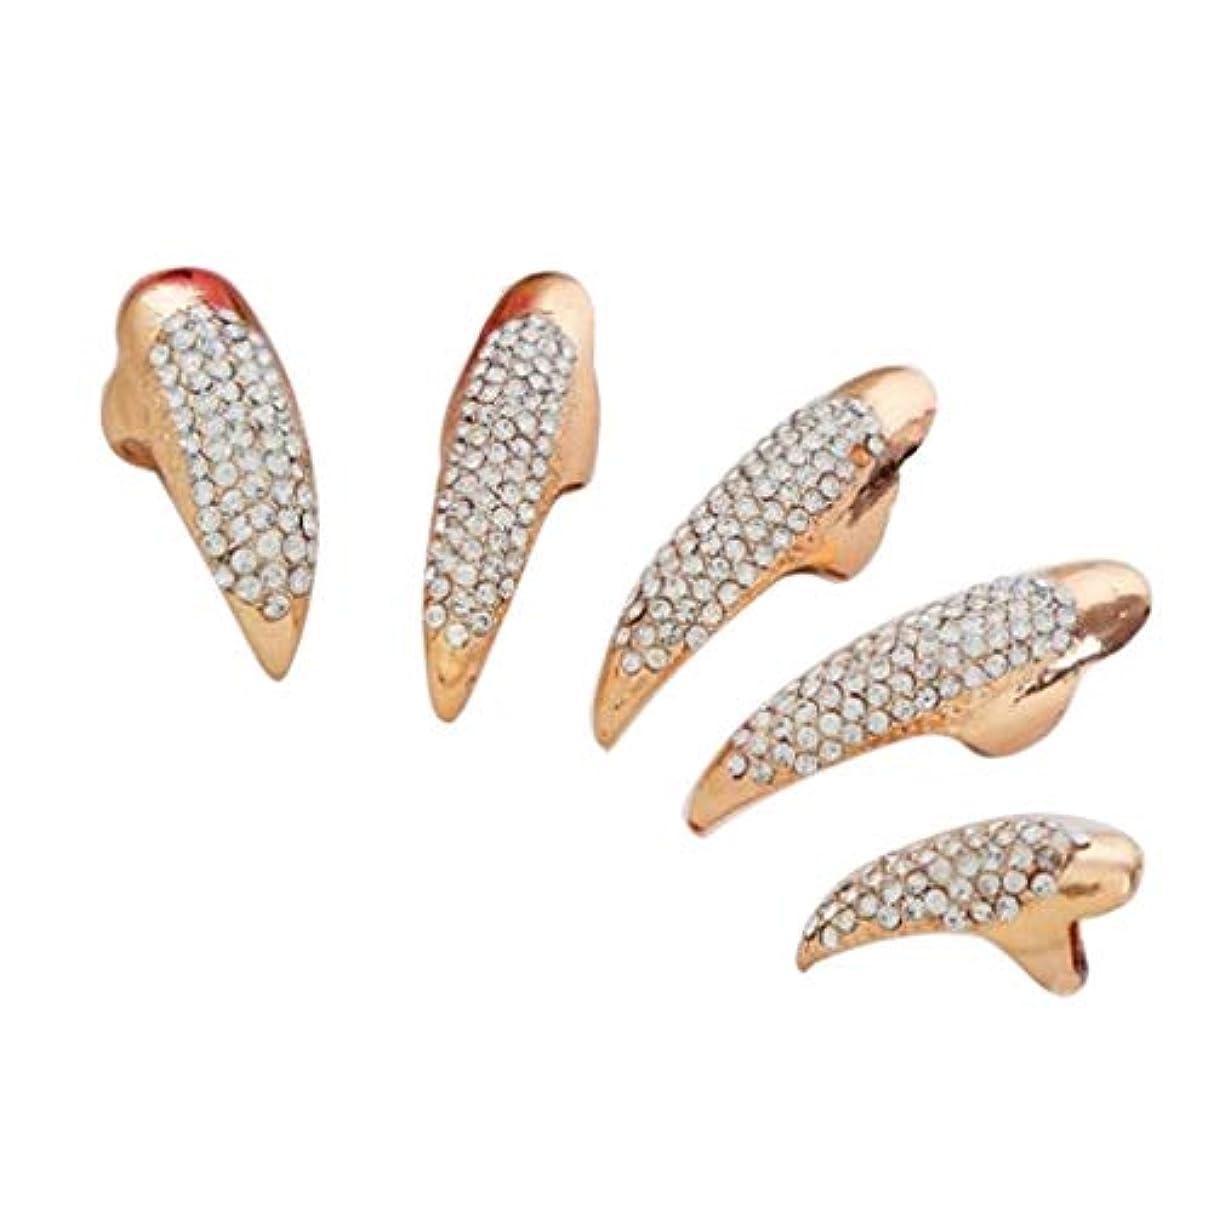 プレゼントいらいらするピッチSharplace 爪リング ネイルチップ ネイルアート 人工の爪 曲げ爪 コスプレ パーティー 2色選べ - ゴールデン